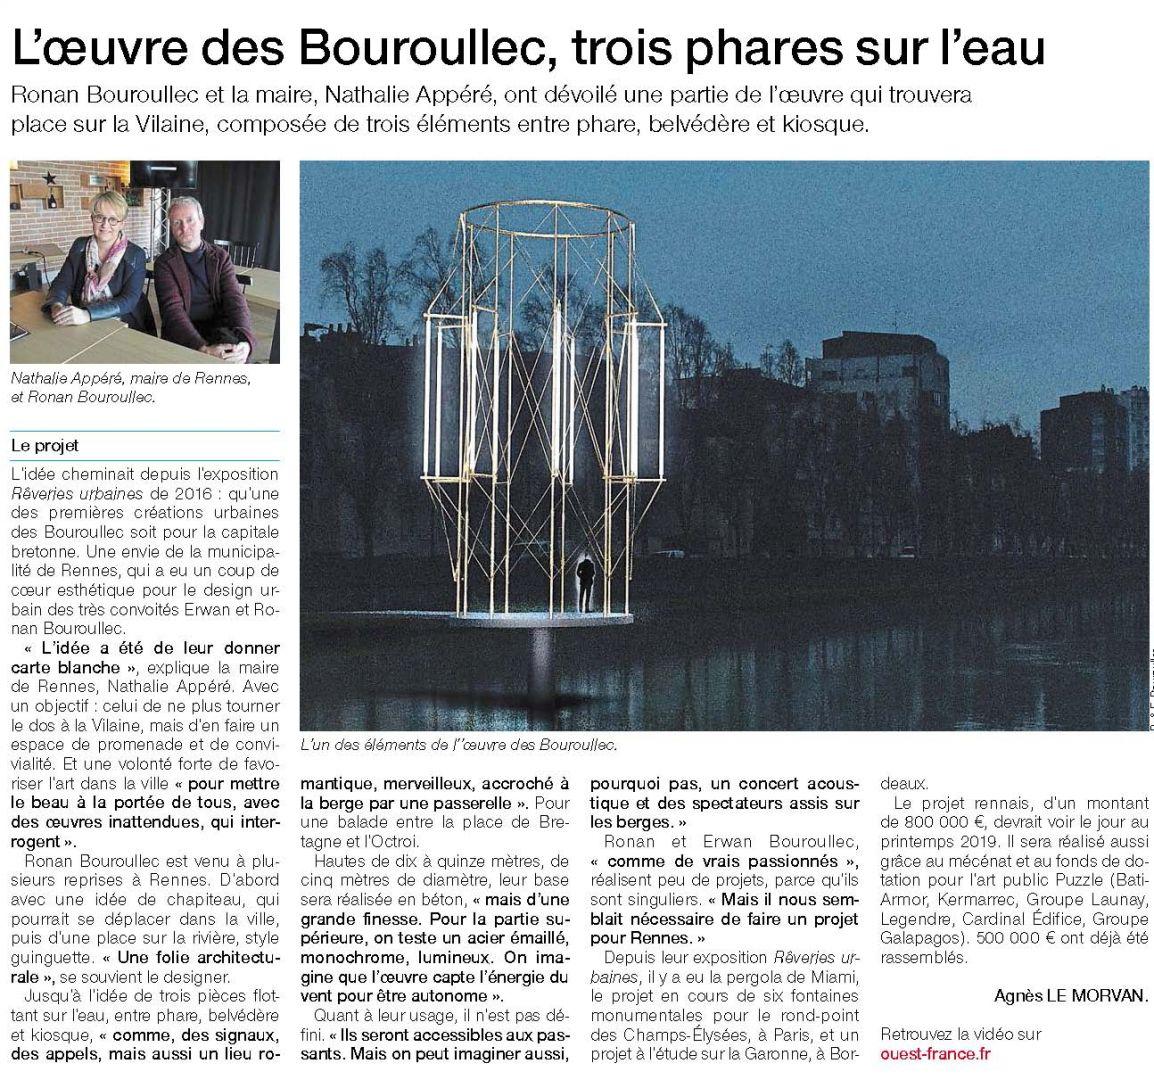 BATI ARMOR MÉCÈNE DU PROJET DES KIOSQUES DES FRÈRES BOUROULLEC